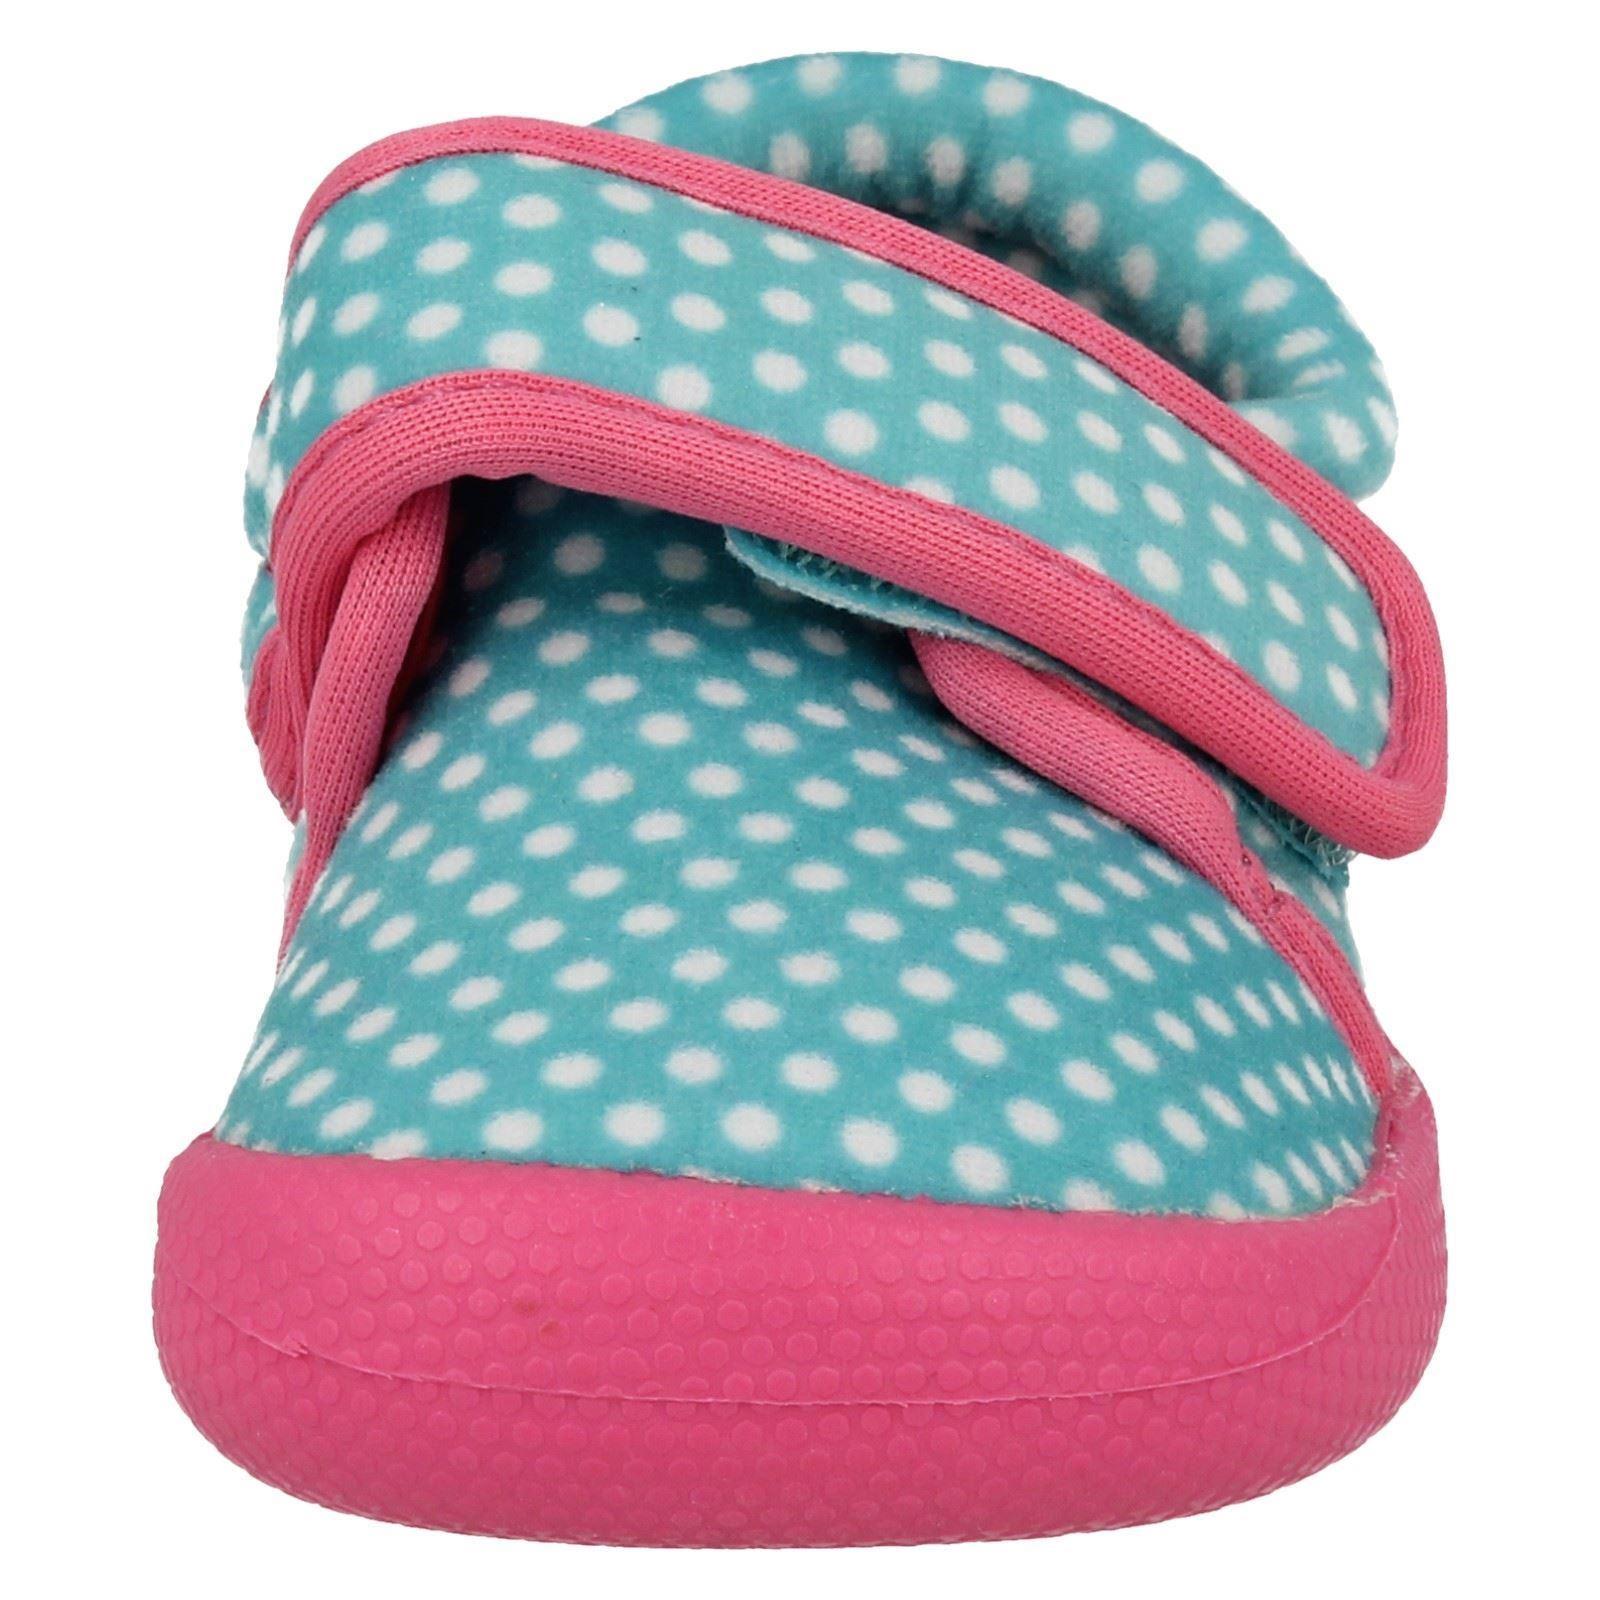 Infantil Chicas Clarks Máquina Lavable Pantuflas Shilo Dotty